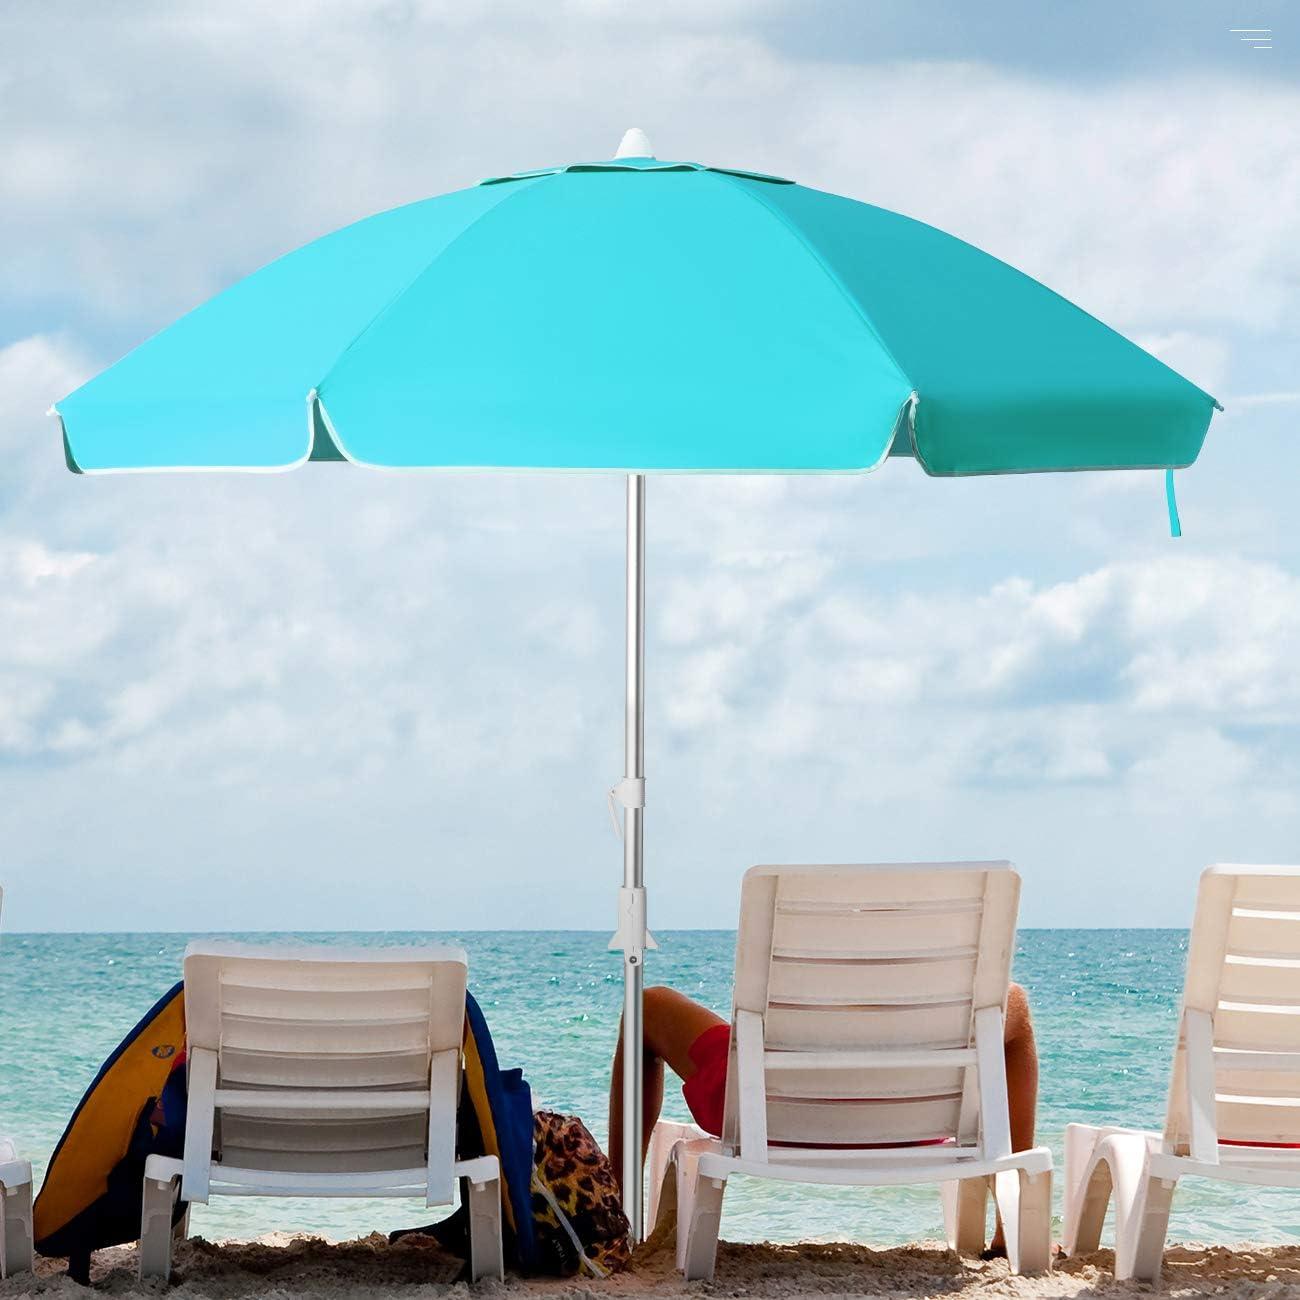 Best Beach Umbrella Australia - KITADIN portable outdoor patio